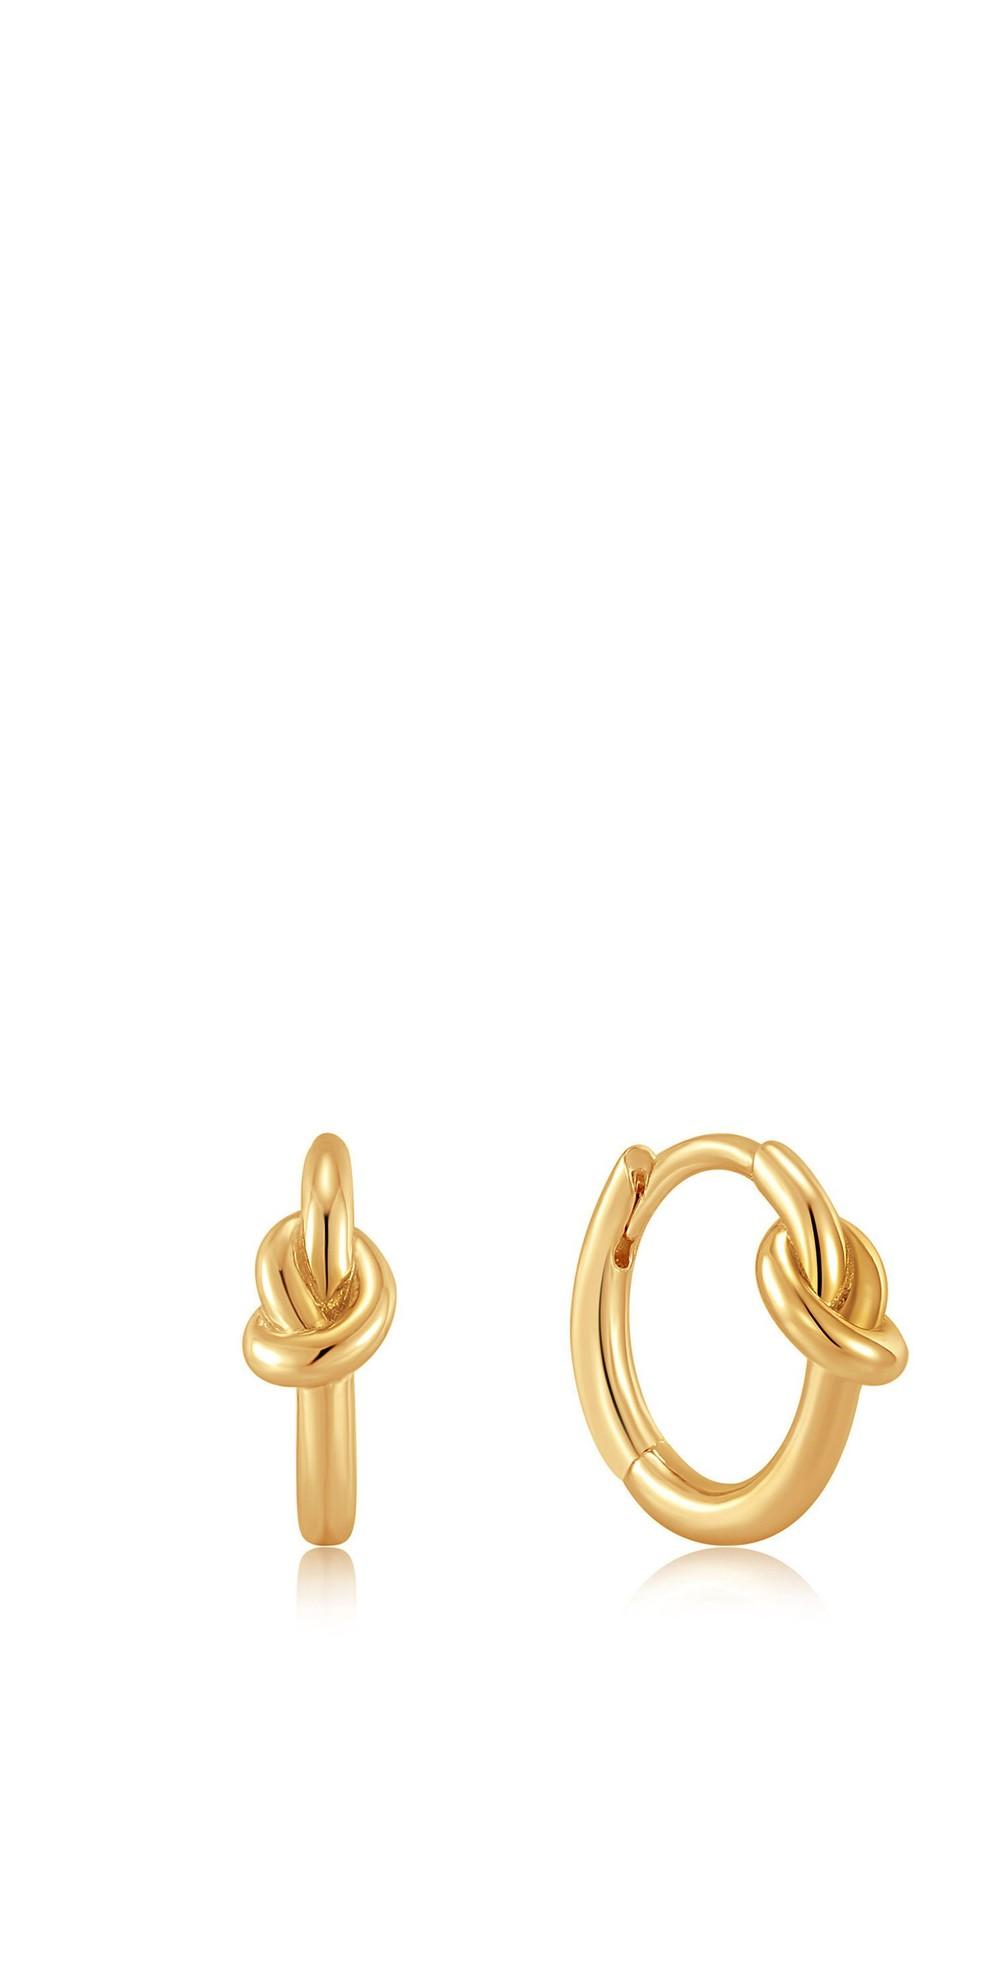 Knot Huggie Hoop Earring main image